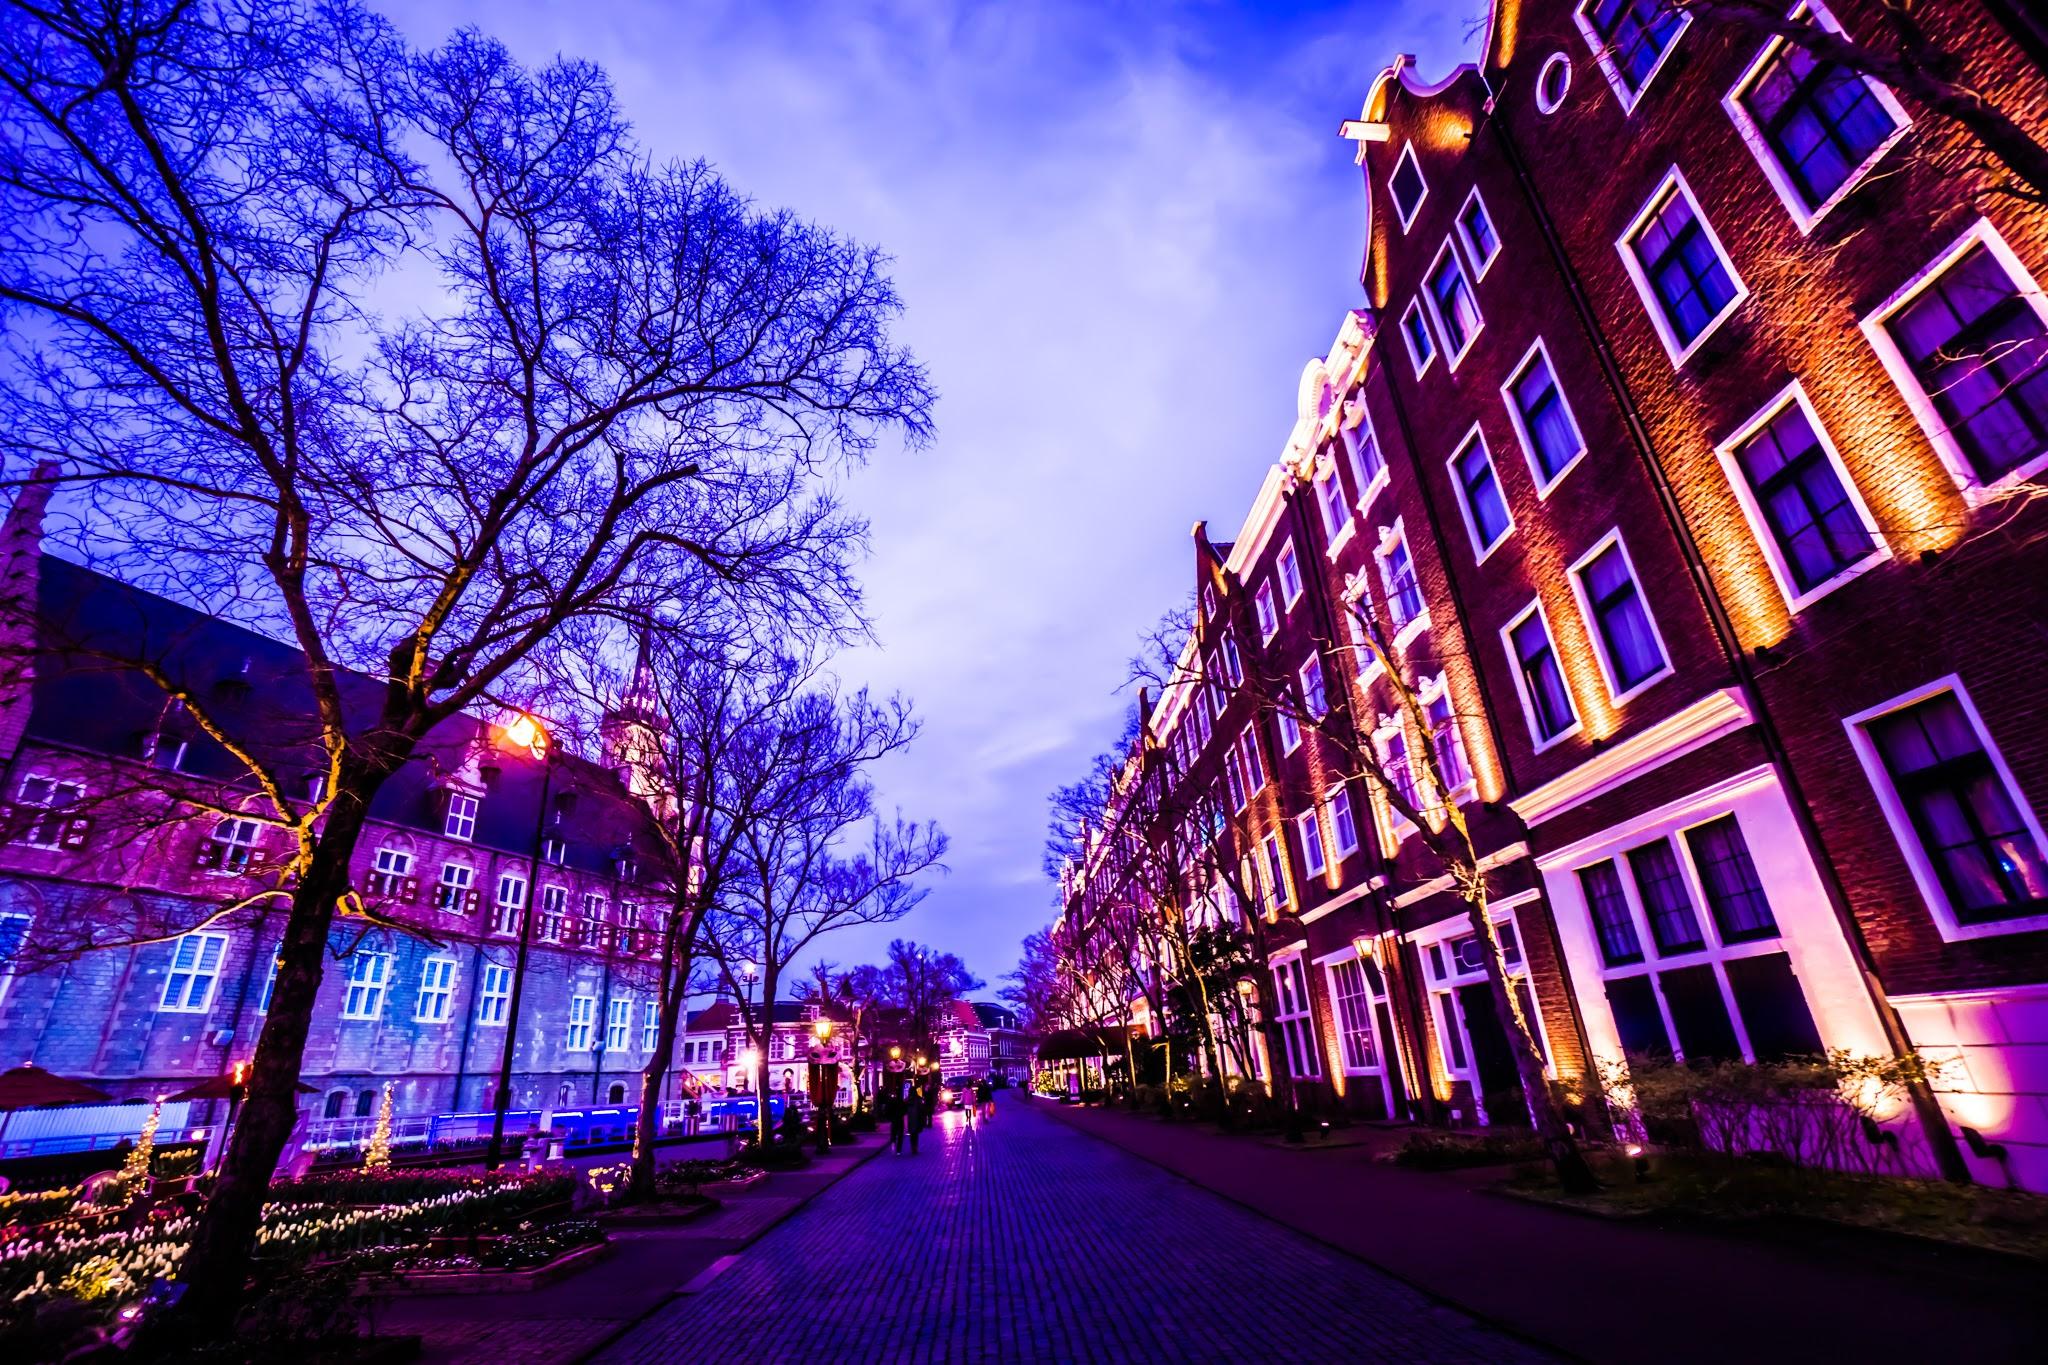 ハウステンボス イルミネーション 光の王国 アムステルダムシティ3